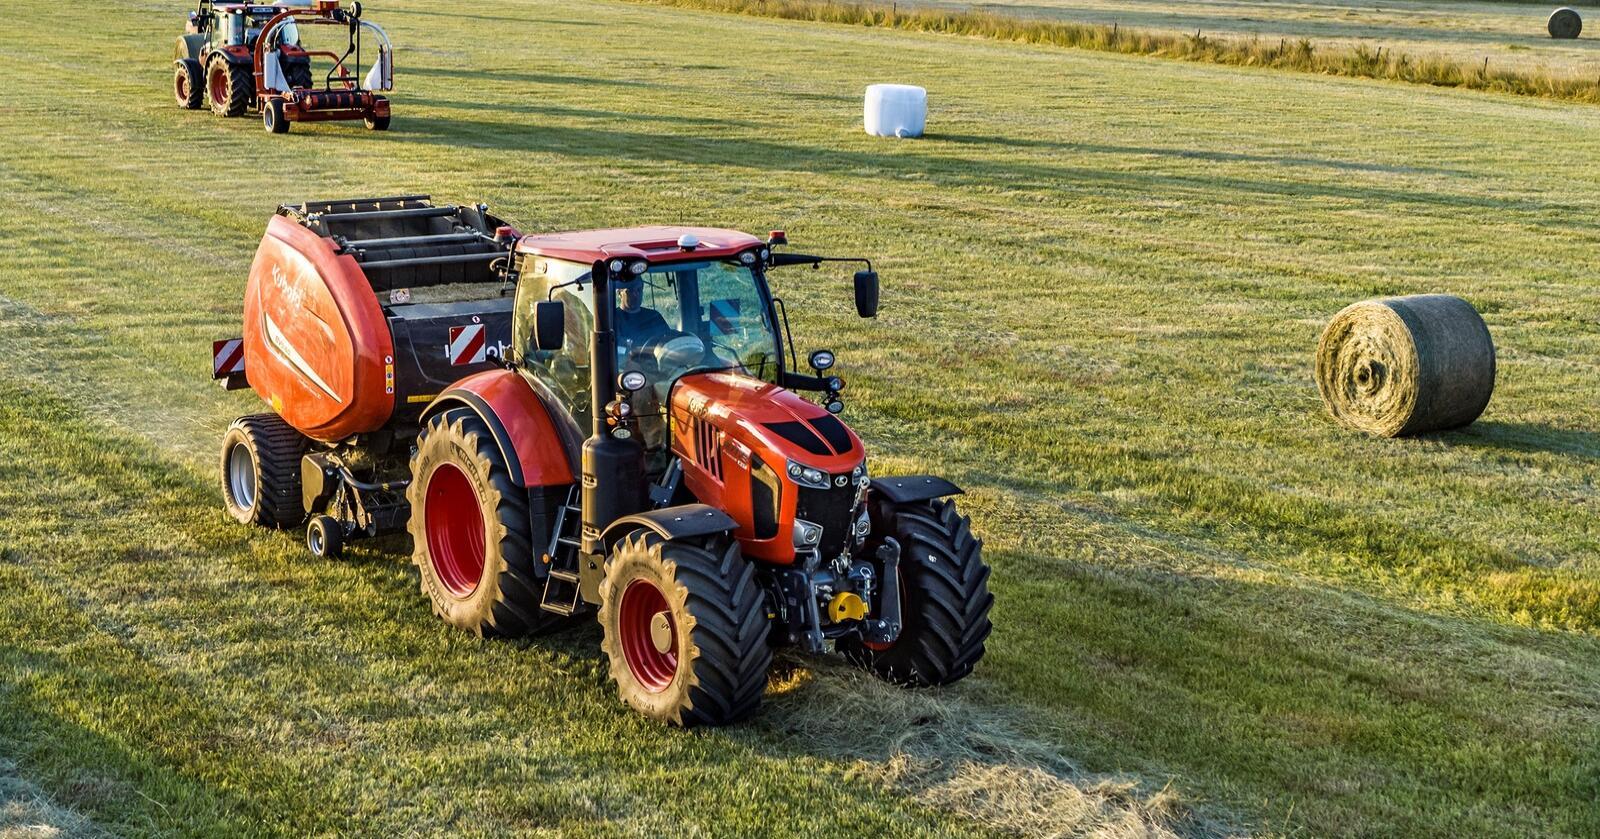 Teknologi: Traktorprodusenten Kubota kjøper selskapet AgJunction, og skaffer seg kontroll over enda mer teknologi innen landbrukssektoren.